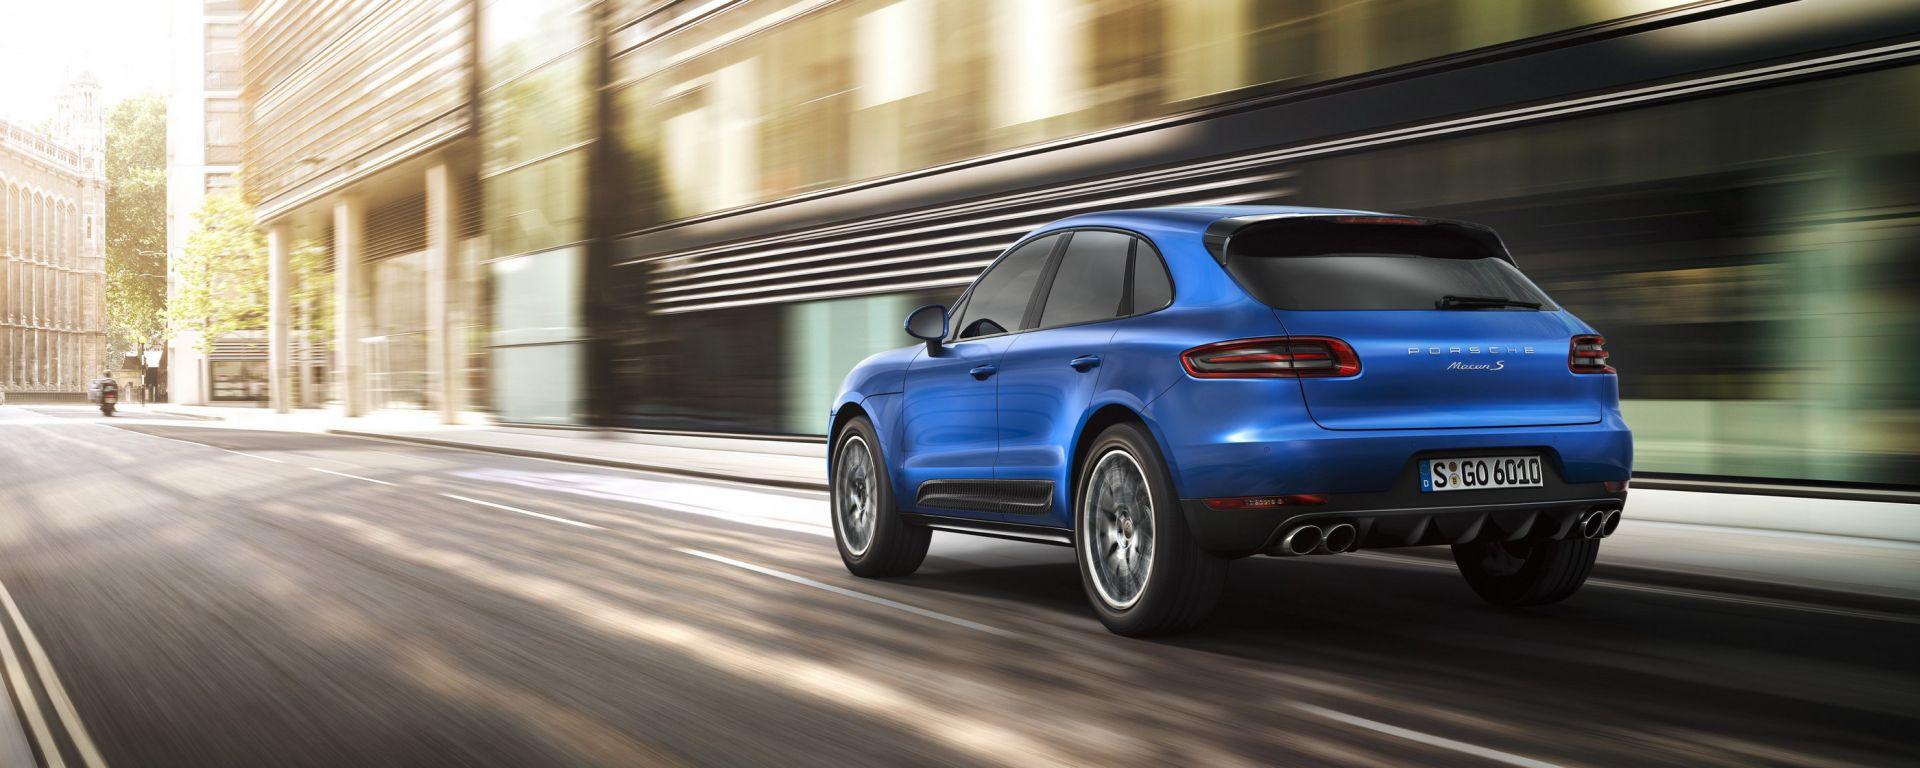 Porsche Macan: nuove foto, info e prezzi